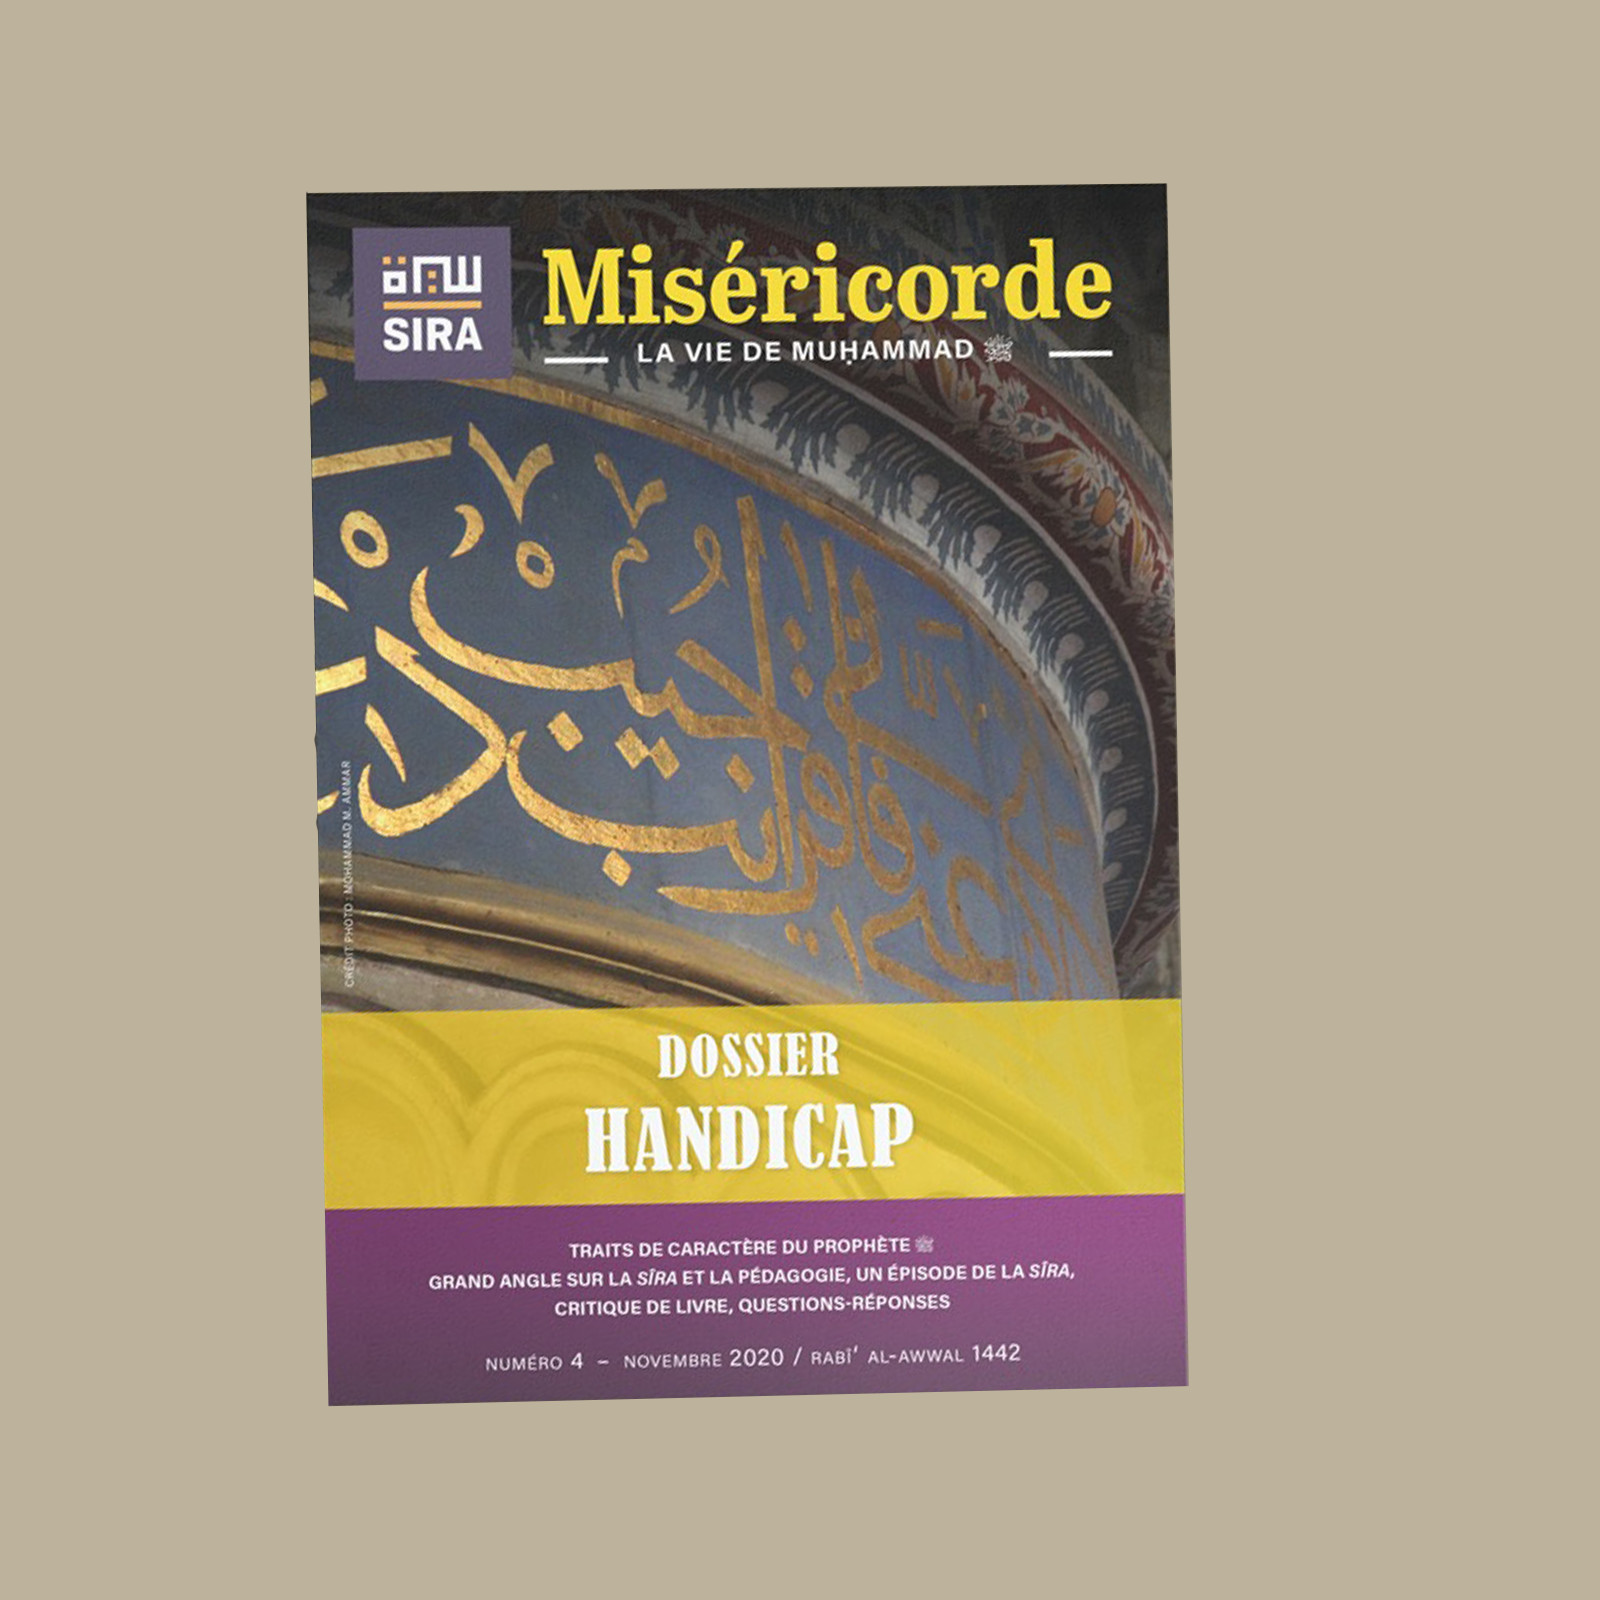 Miséricorde 4